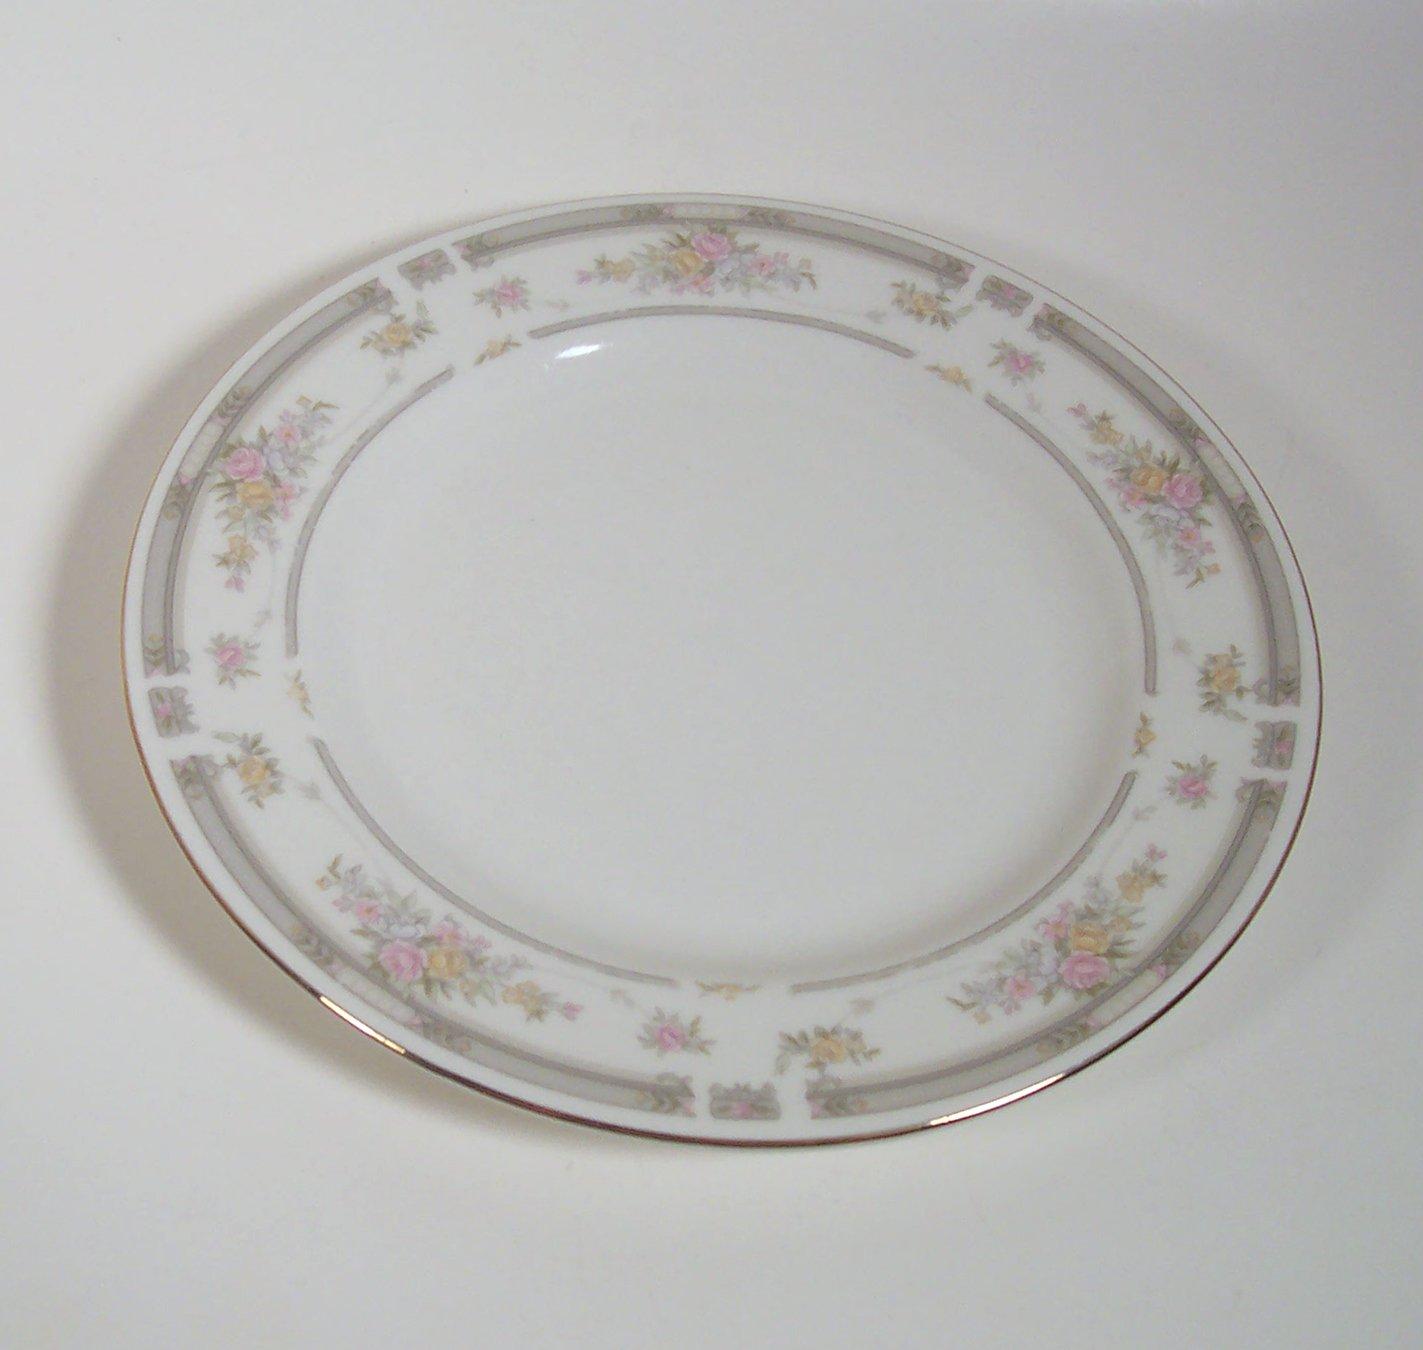 & Farberware Southampton Salad Plate Fine China 1992 pattern 223K